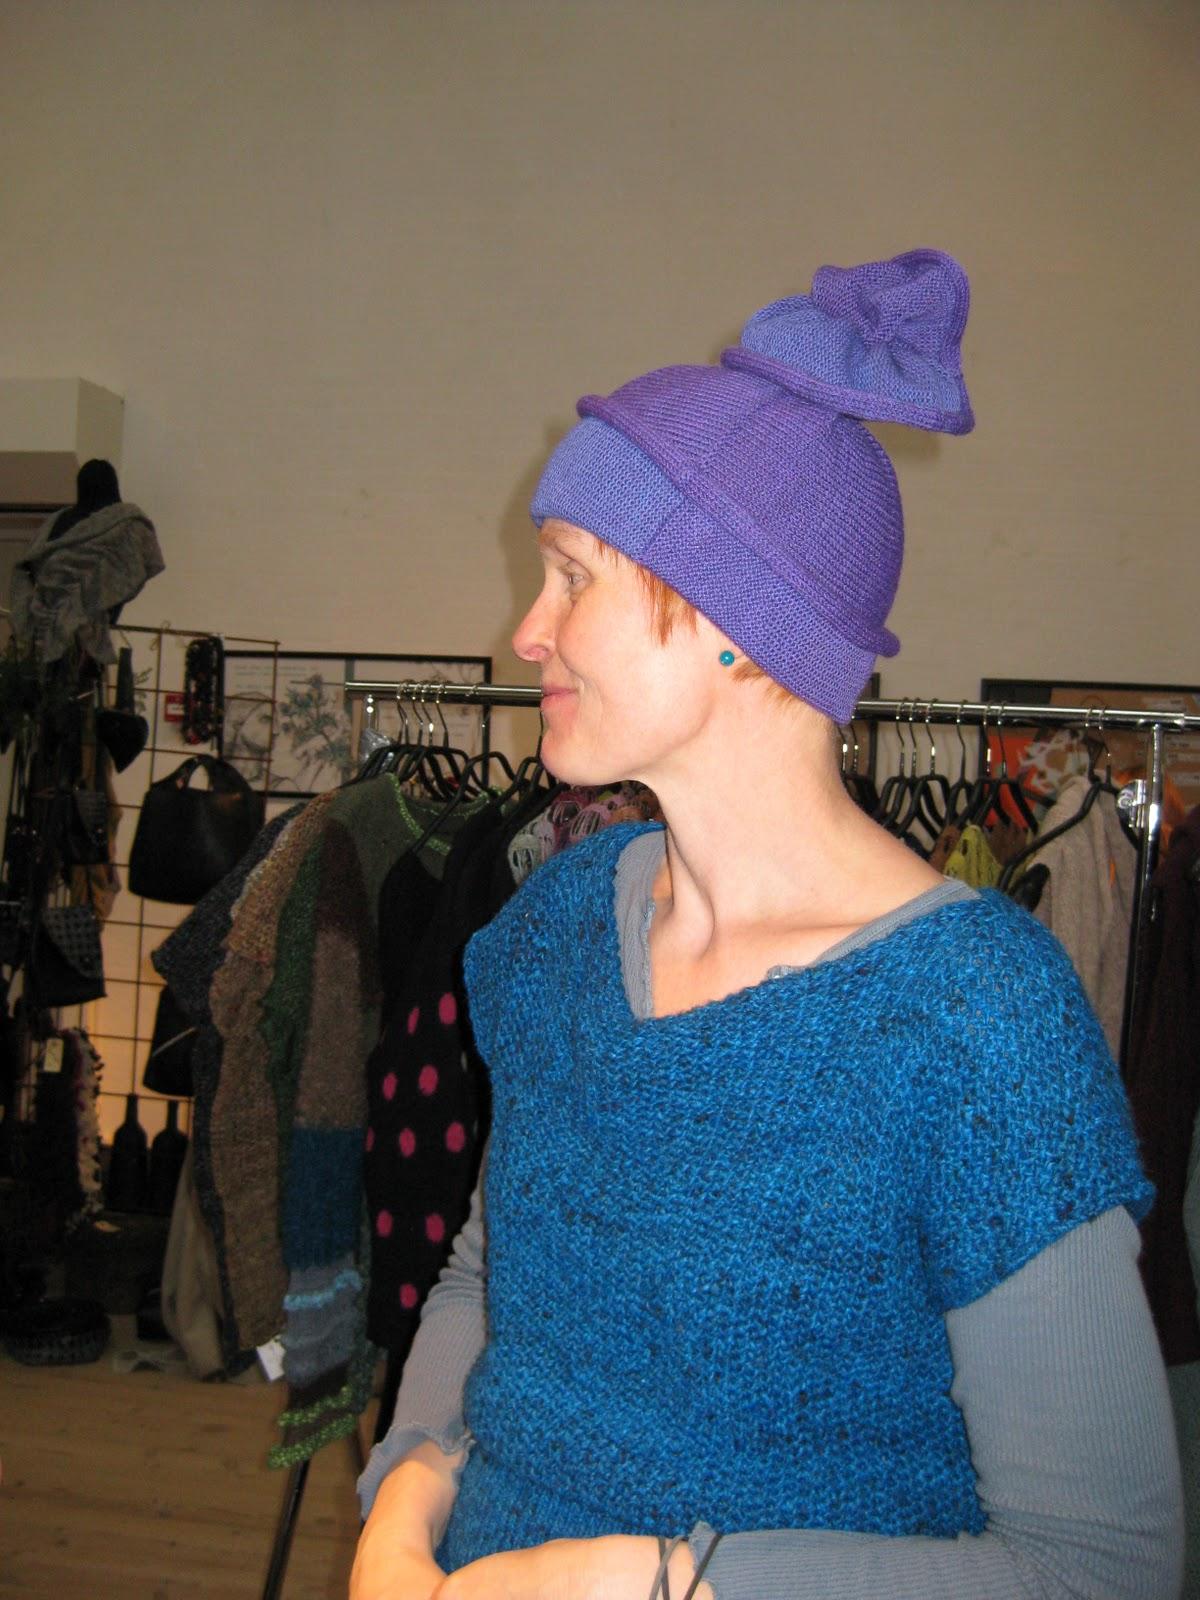 amazon bedst billigt udgivelses dato: Madam Munch: november 2011